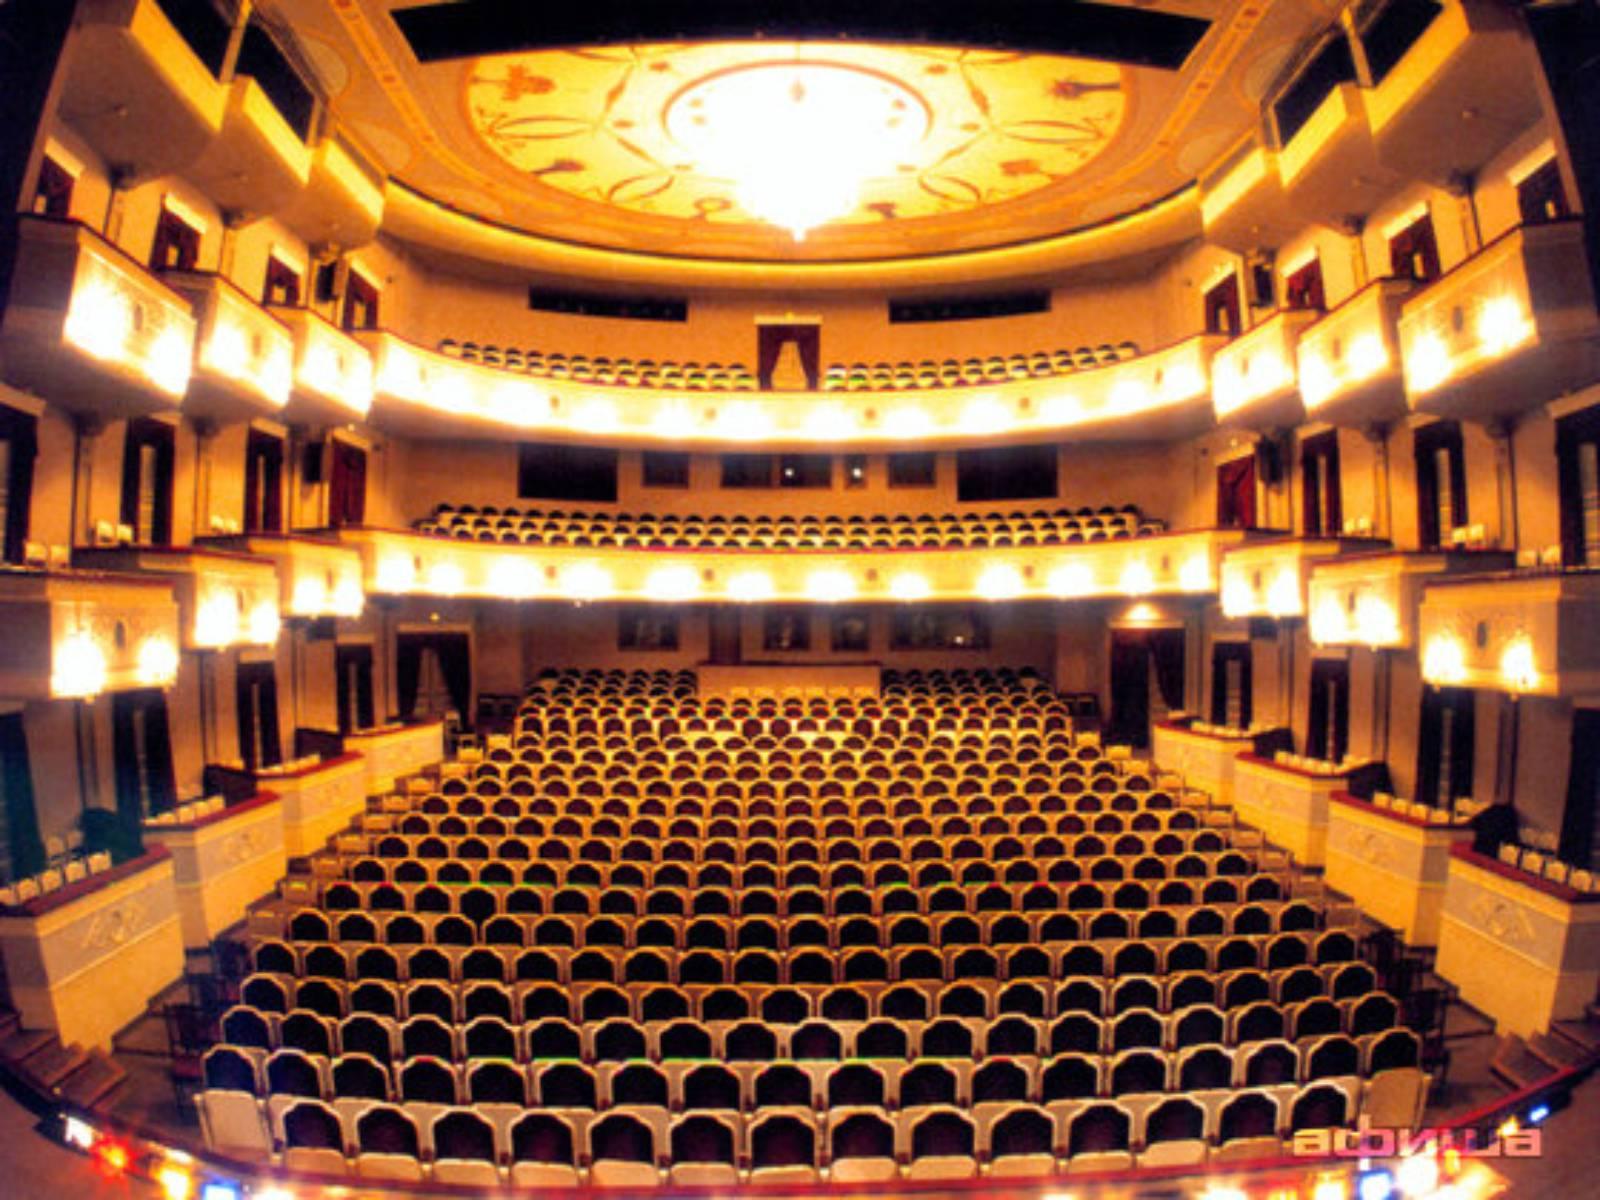 Схема малого театра основной сцены фото